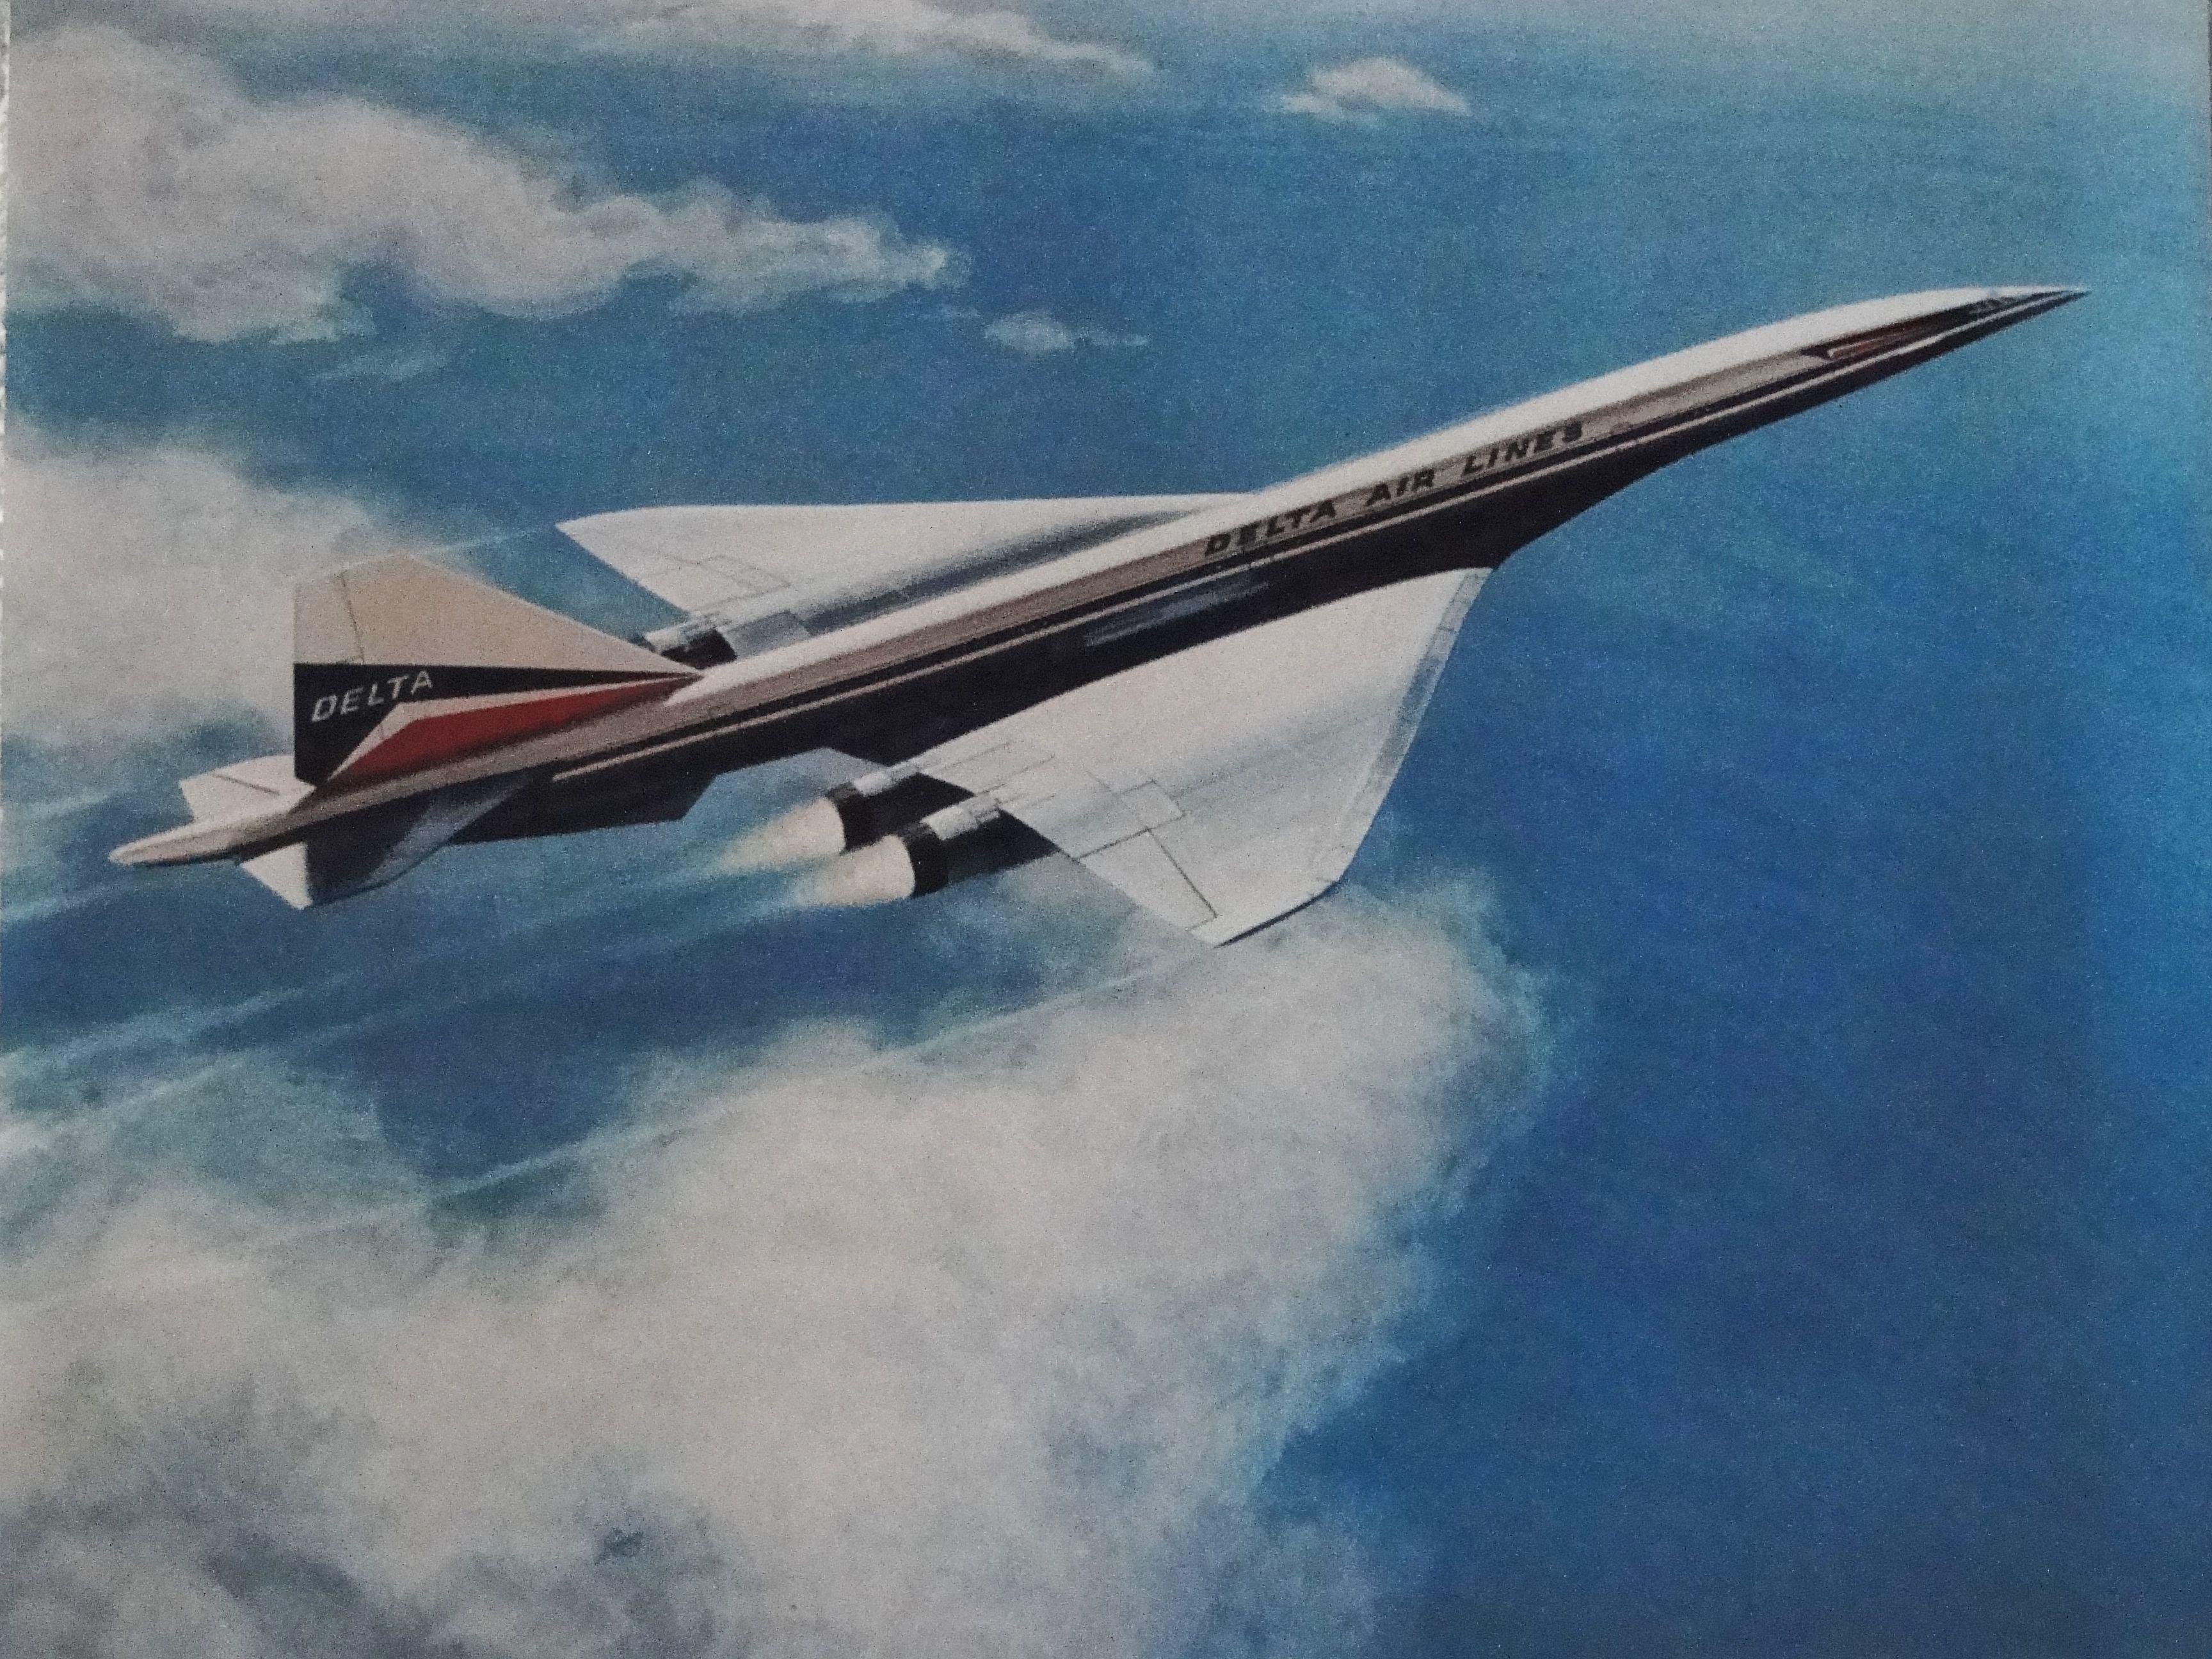 Delta SST Boeing 2707-300